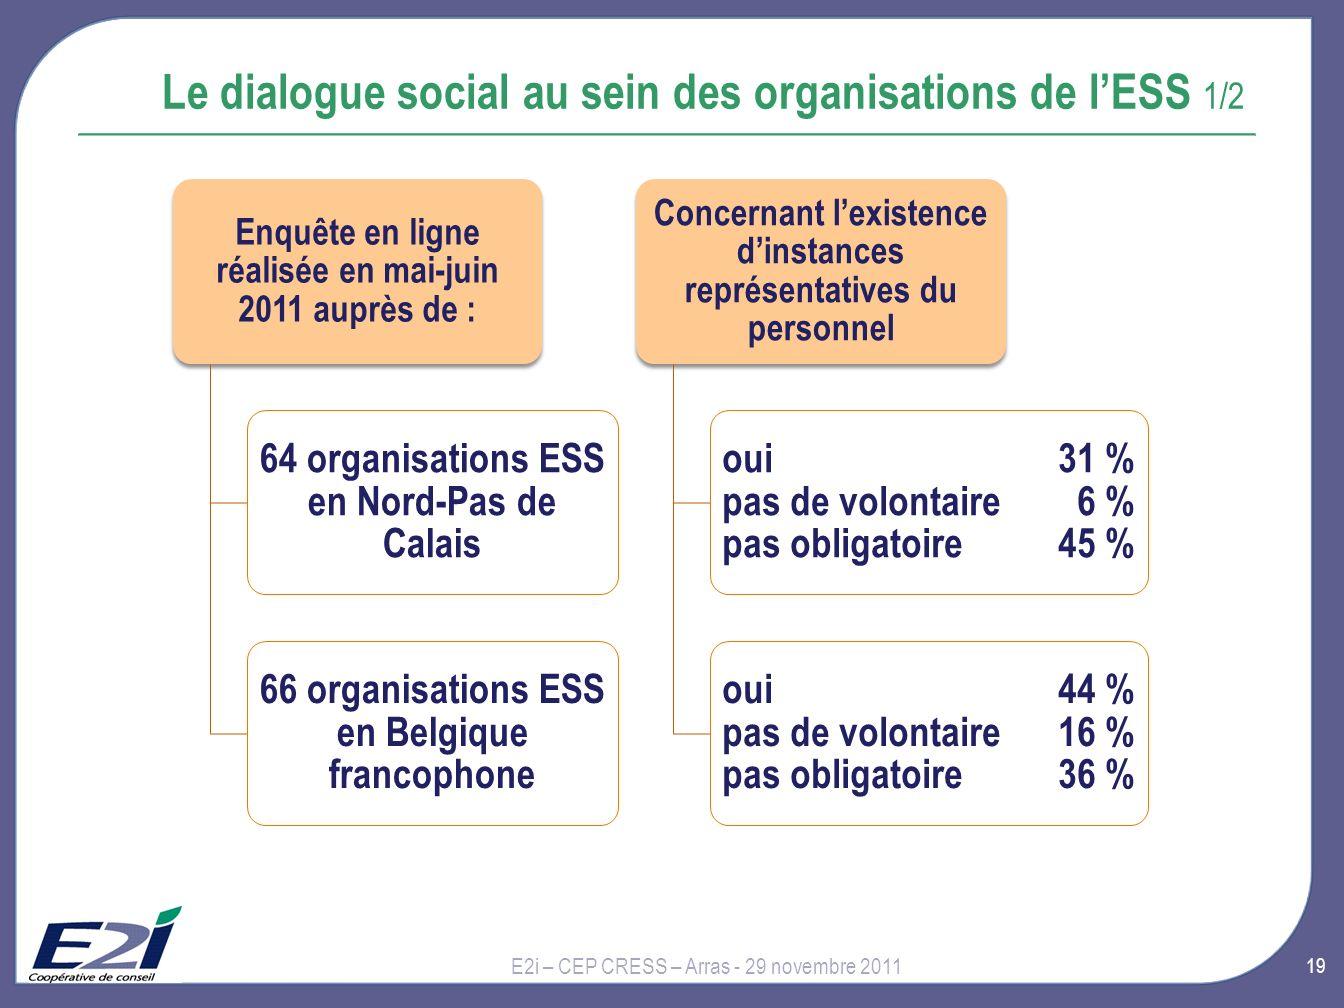 Le dialogue social au sein des organisations de l'ESS 1/2